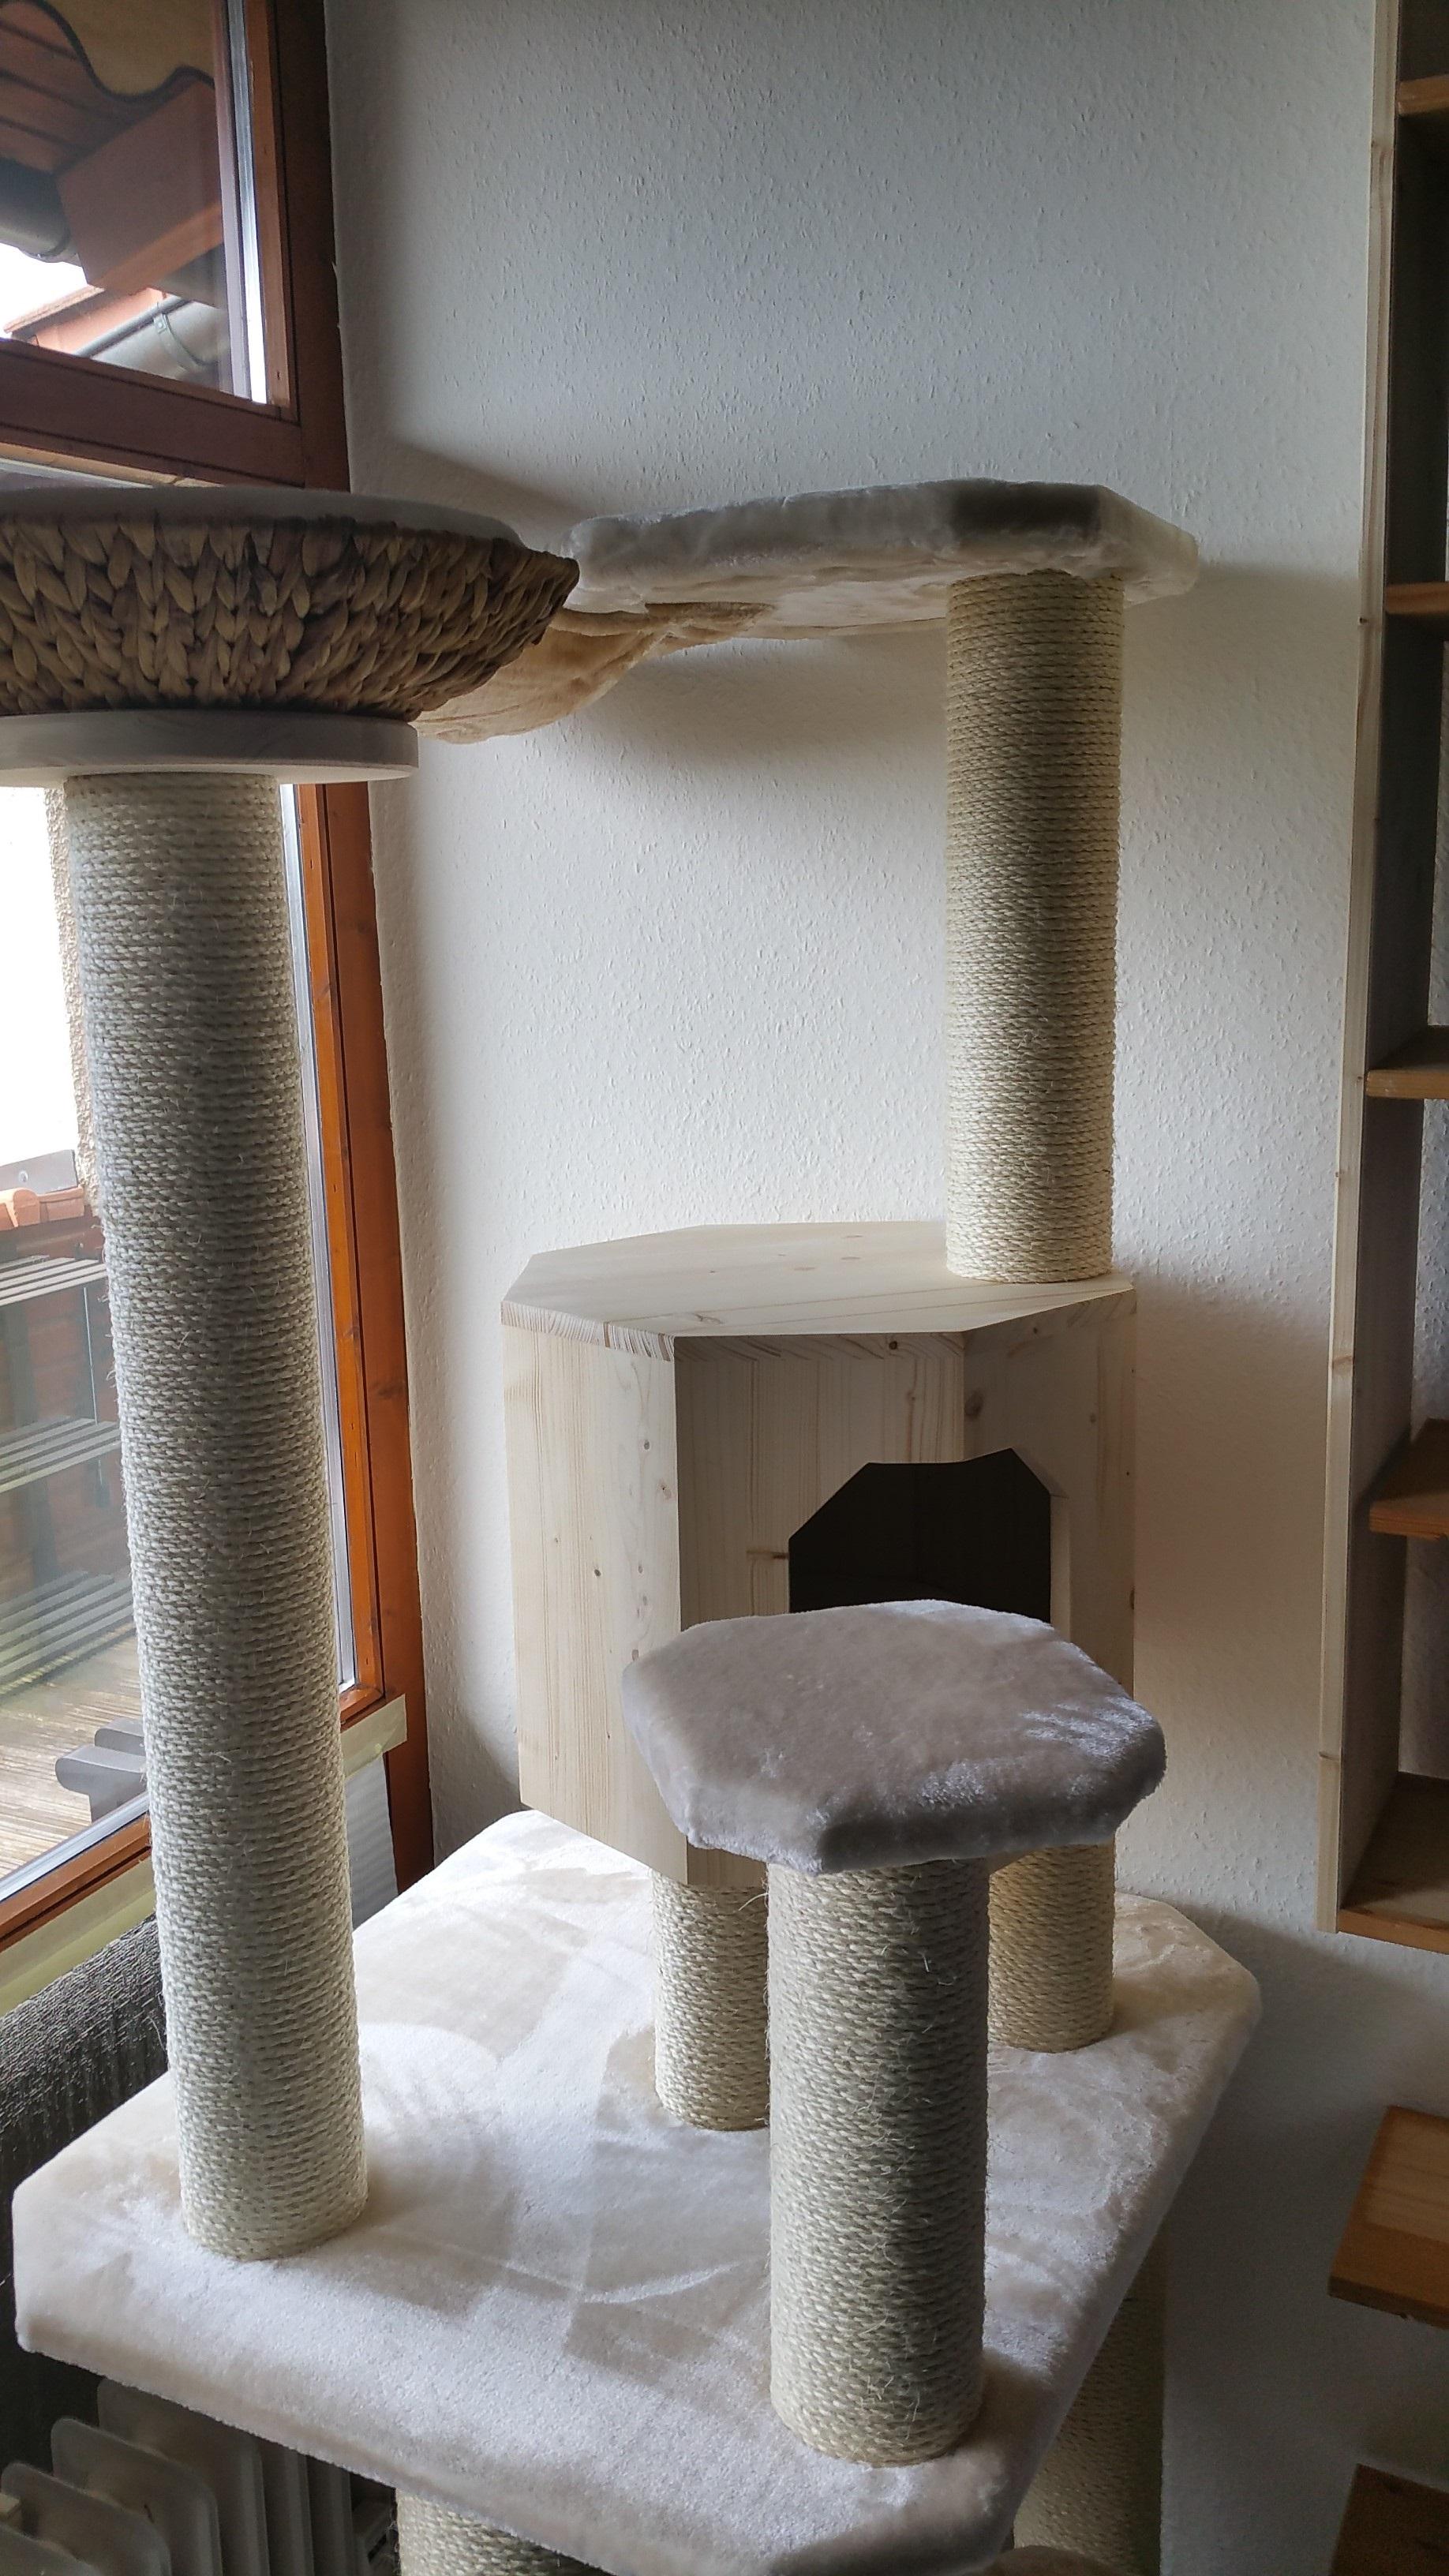 kratzbaum stabil massiv naturkratzbaum pluesch. Black Bedroom Furniture Sets. Home Design Ideas